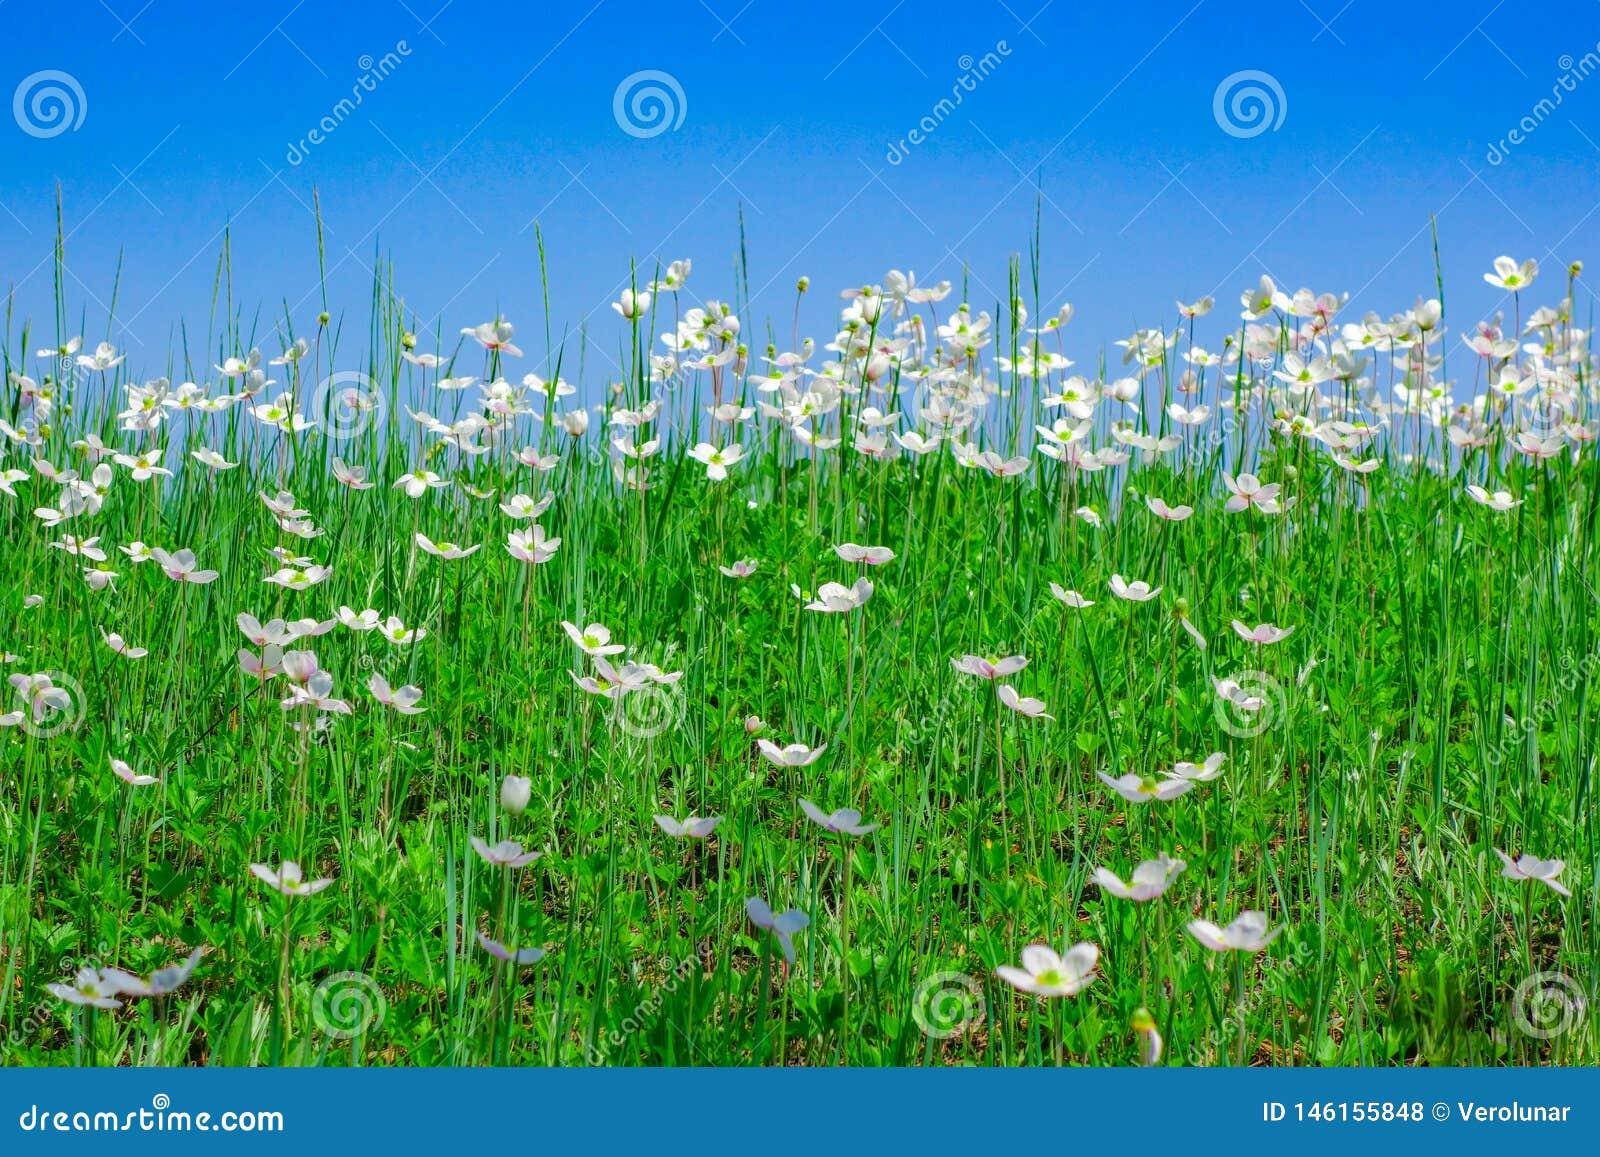 Голубое небо над полем белых цветков